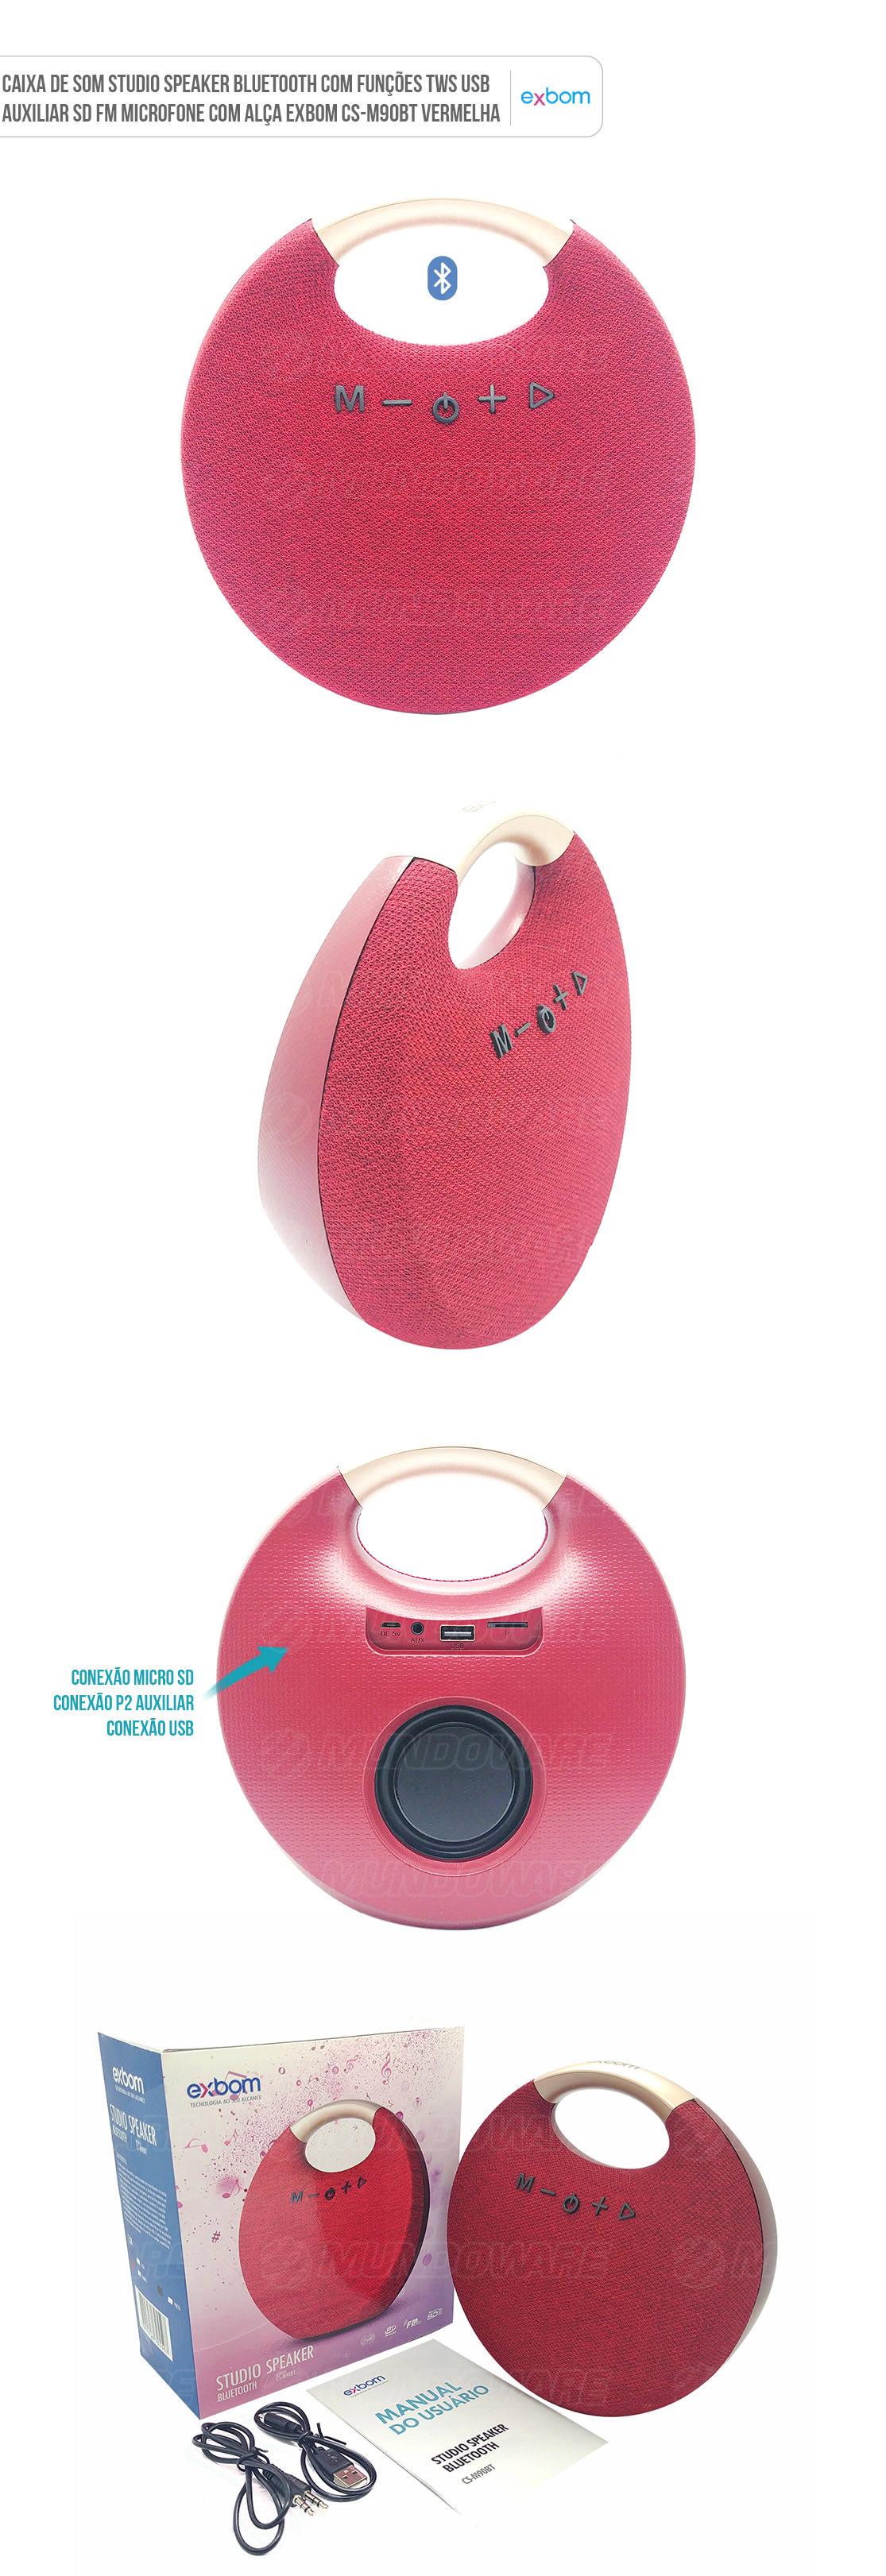 Caixa Studio Speaker Bluetooth com Funções TWS USB Auxiliar SD FM Microfone com Alça